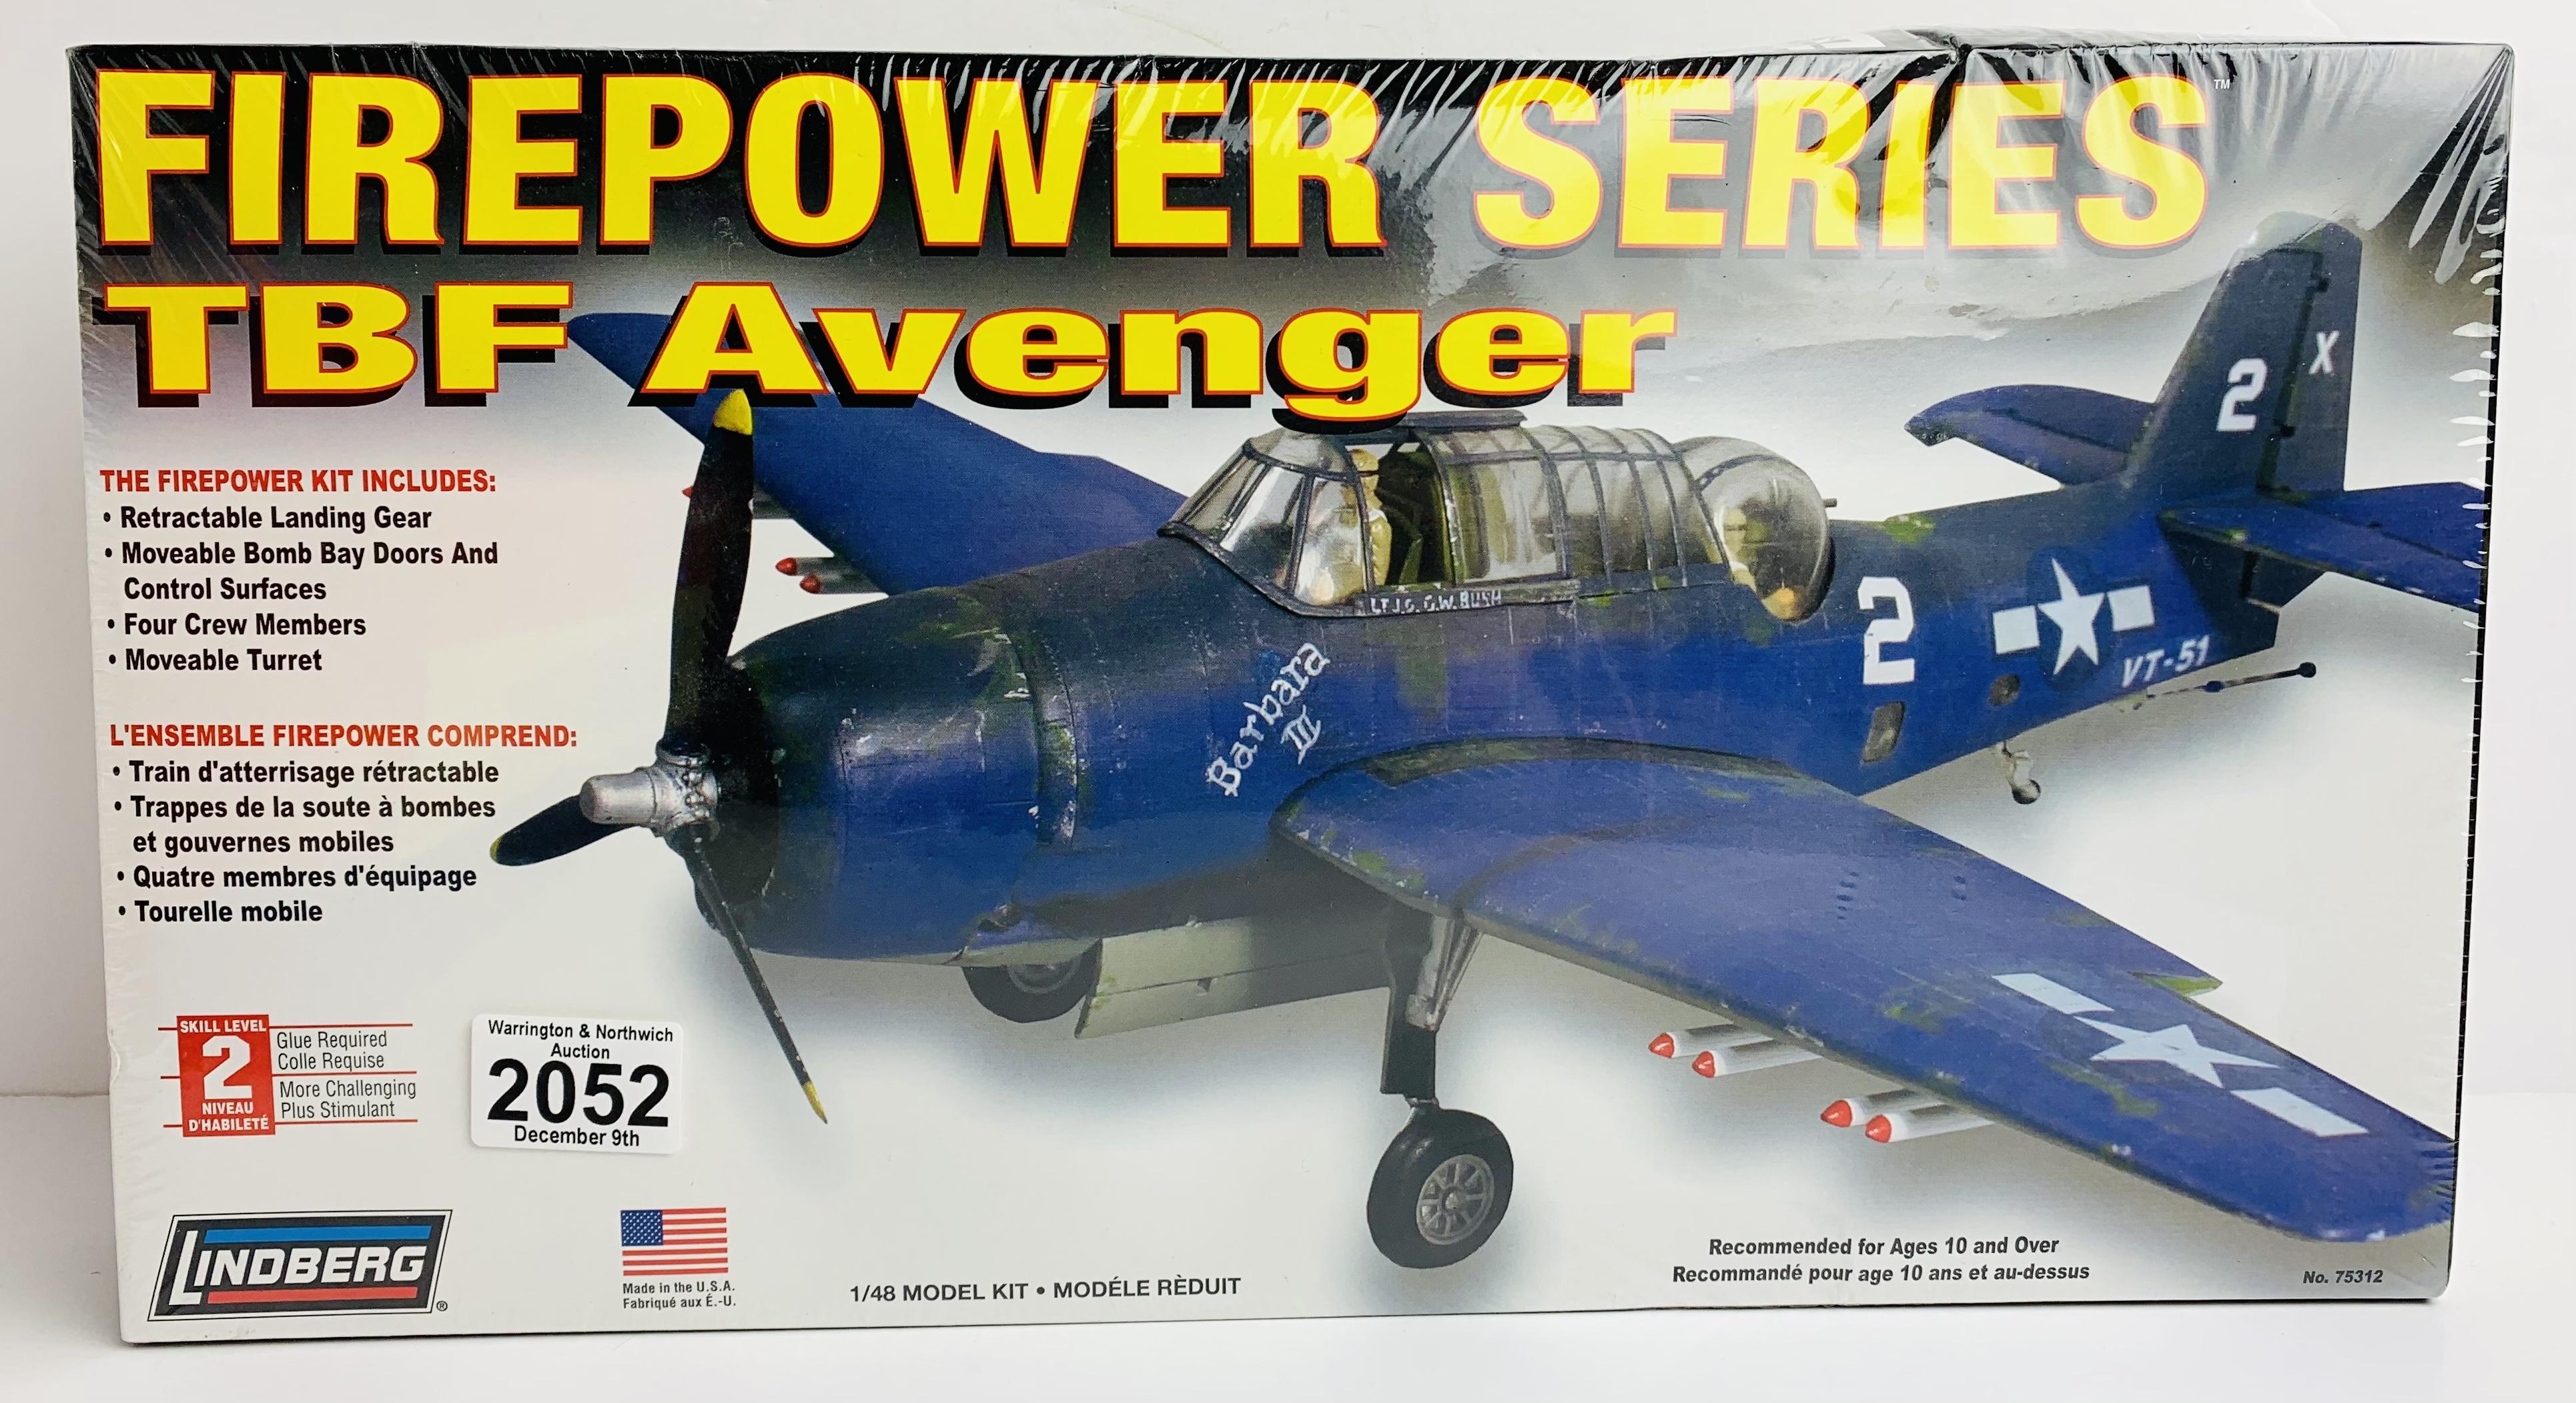 Lindberg FirePower Series TBF Avenger Model Kit 1/48 Kit - Boxed P&P Group 1 (£14+VAT for the